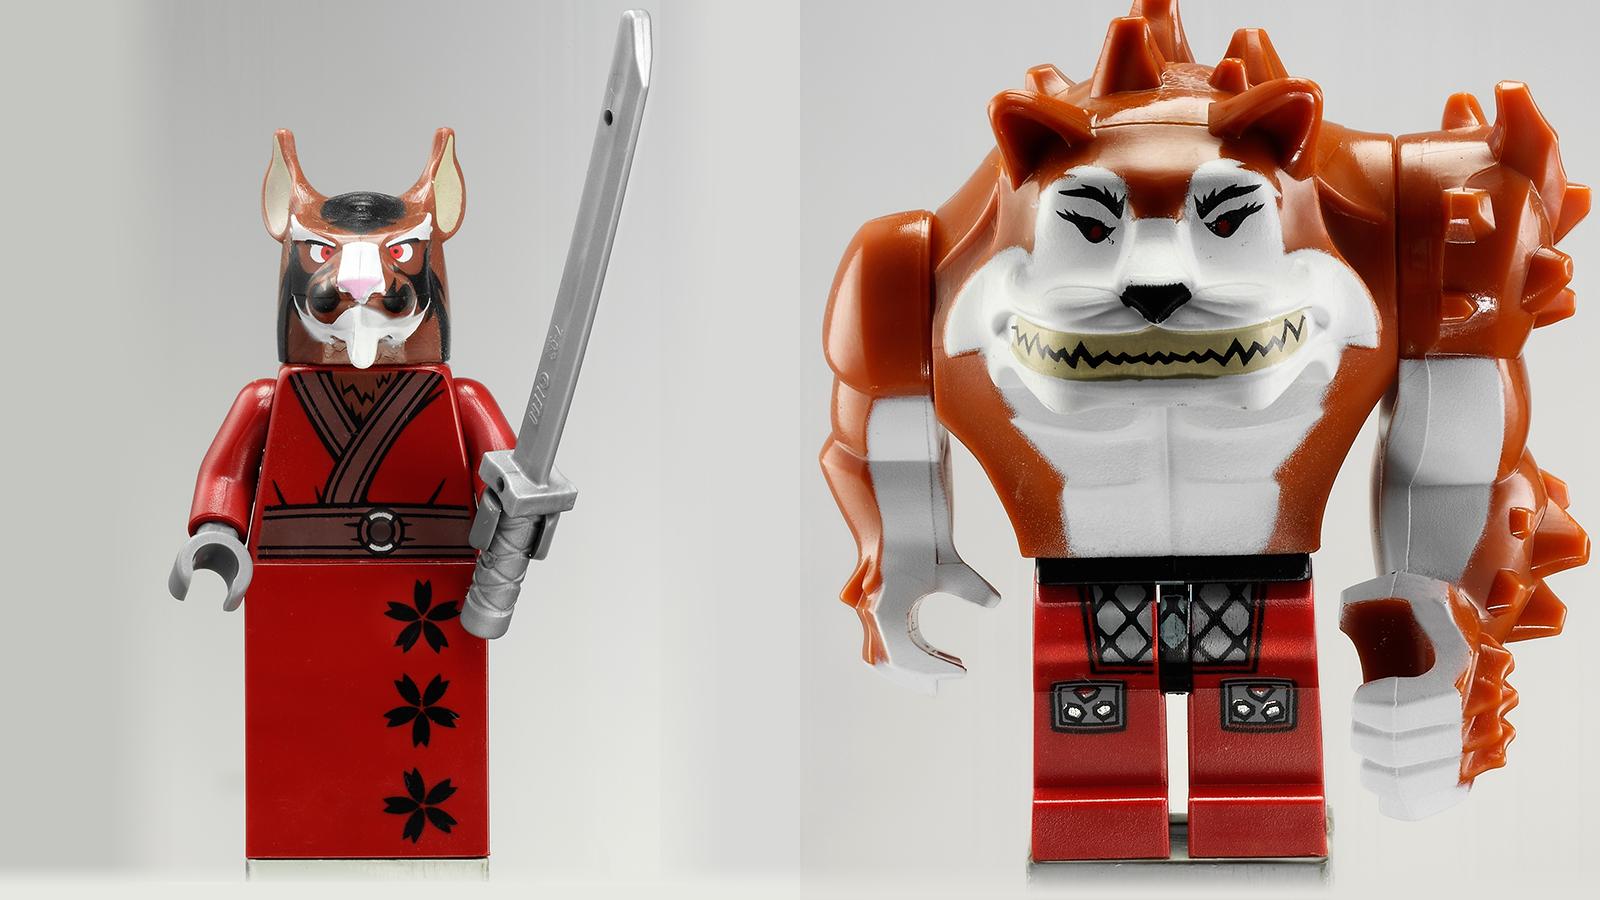 Les lego tortues ninja arrivent en 2013 - Maitre rat tortue ninja ...